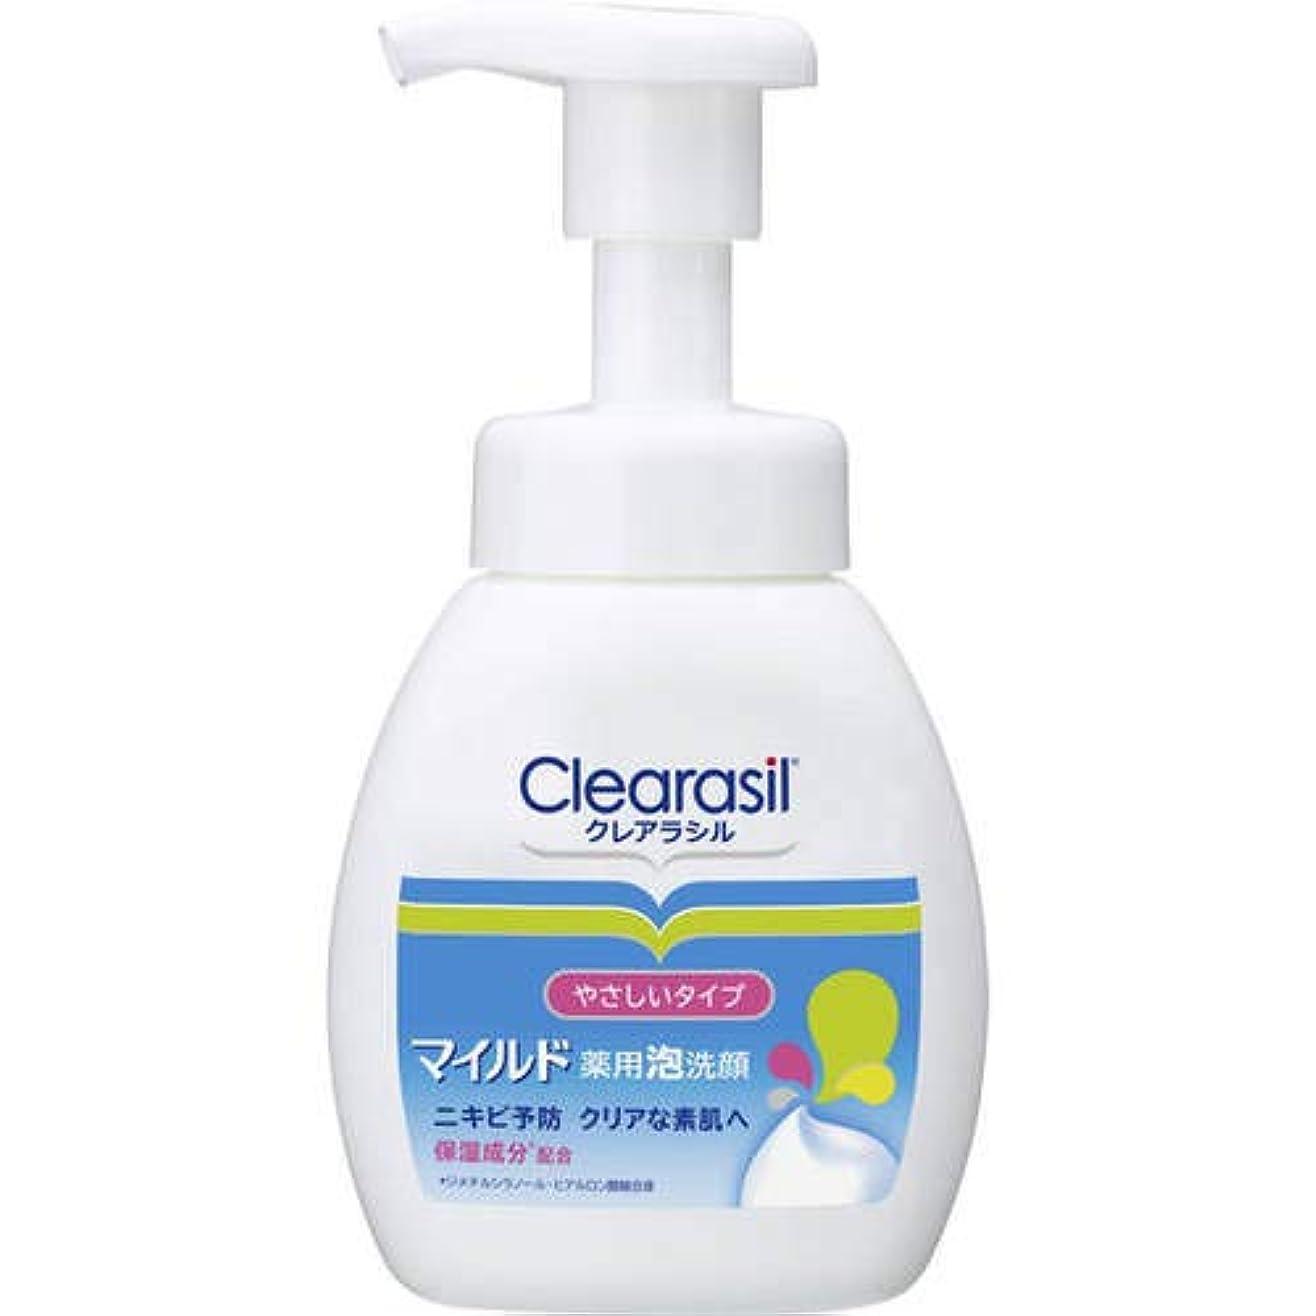 逸脱悲鳴カヌークレアラシル 薬用 泡洗顔フォーム マイルドタイプ 200ml